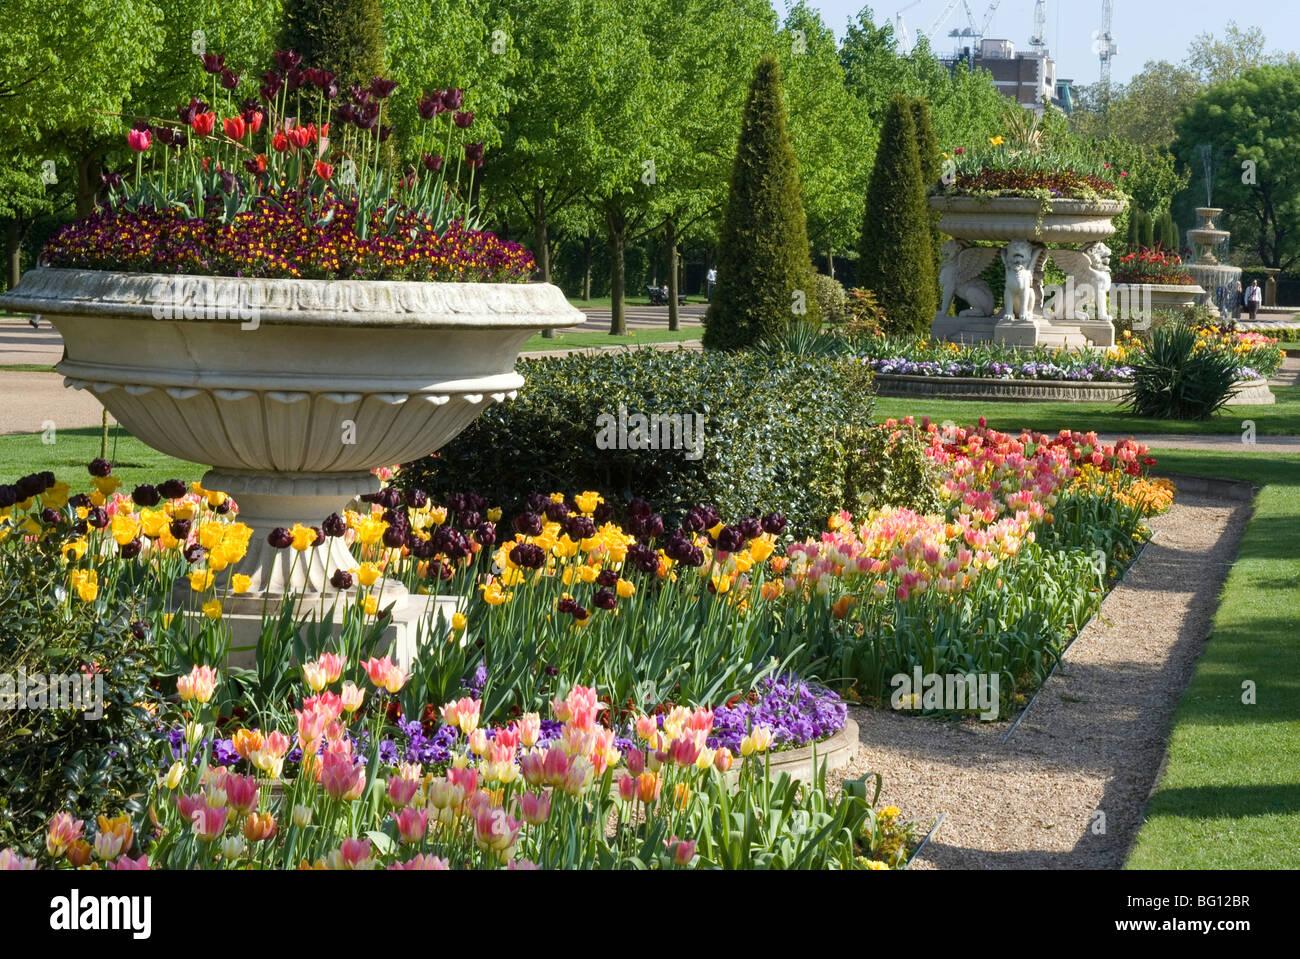 Avenue Gardens Stock Photos & Avenue Gardens Stock Images - Alamy